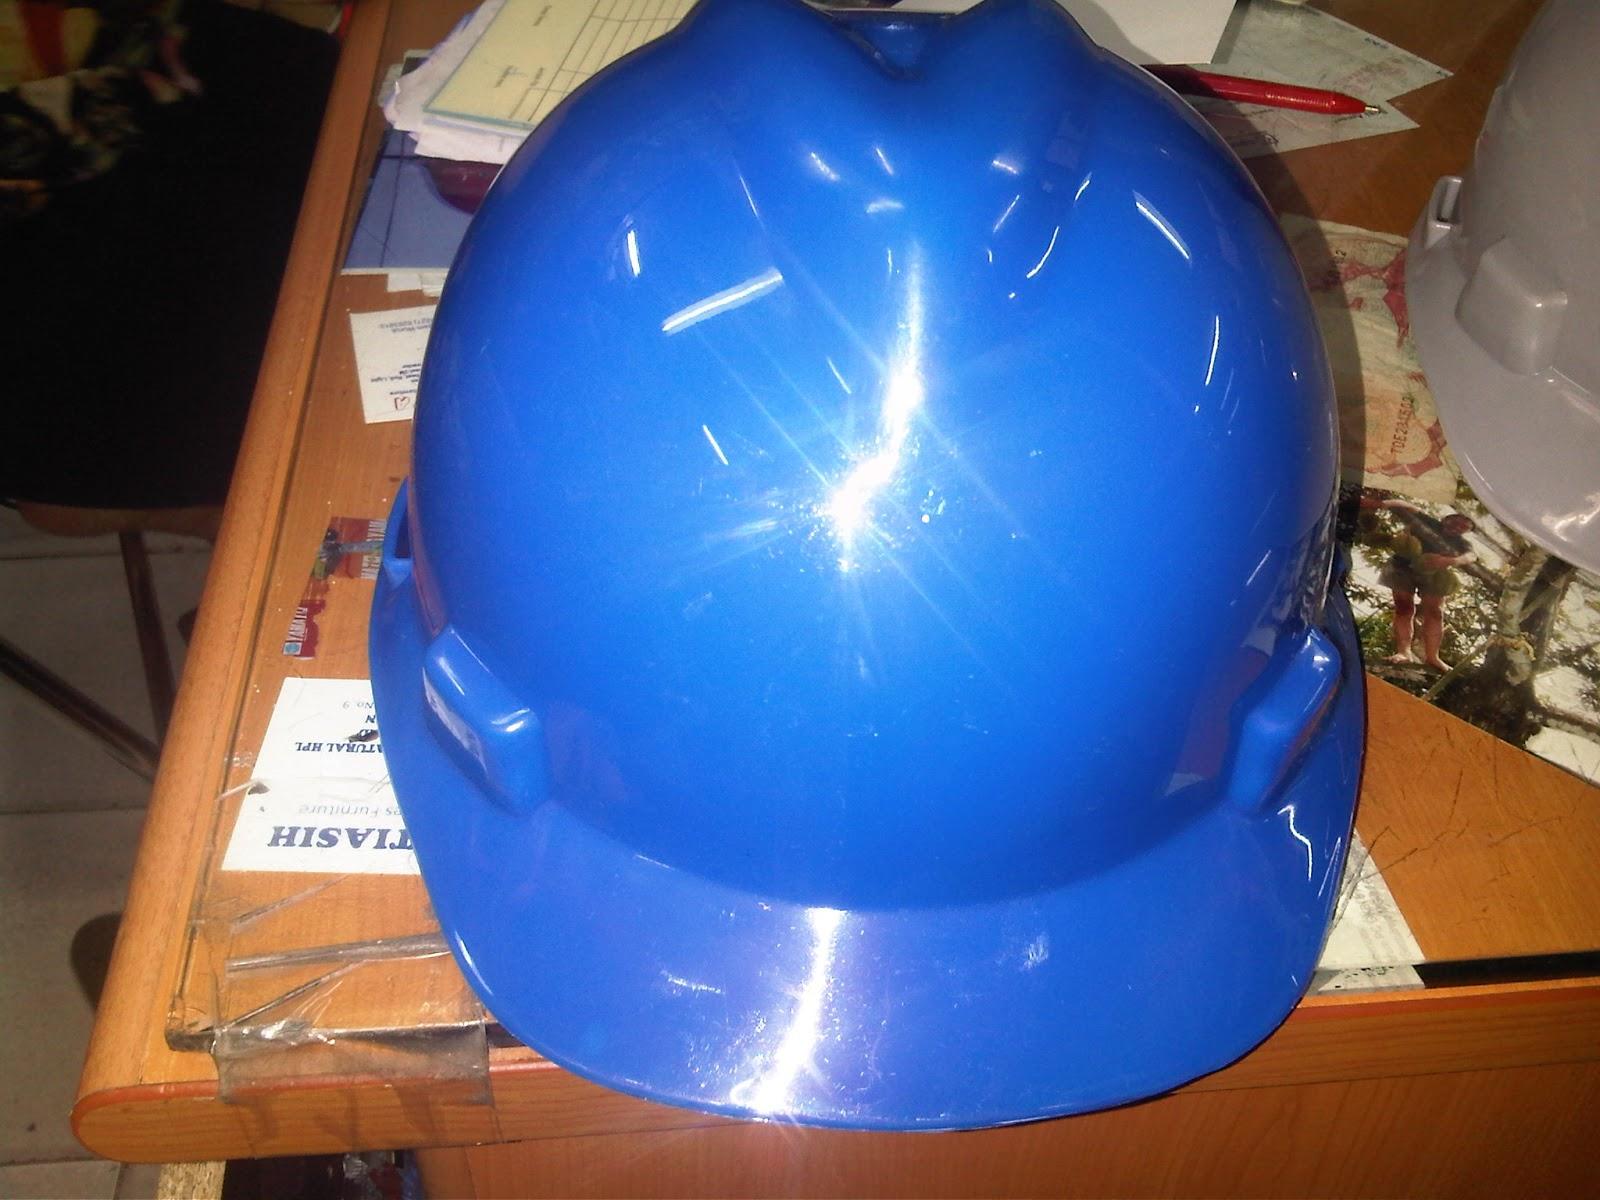 Jual Helm Safety Alat Safety Dan Pemadam Kebakaran